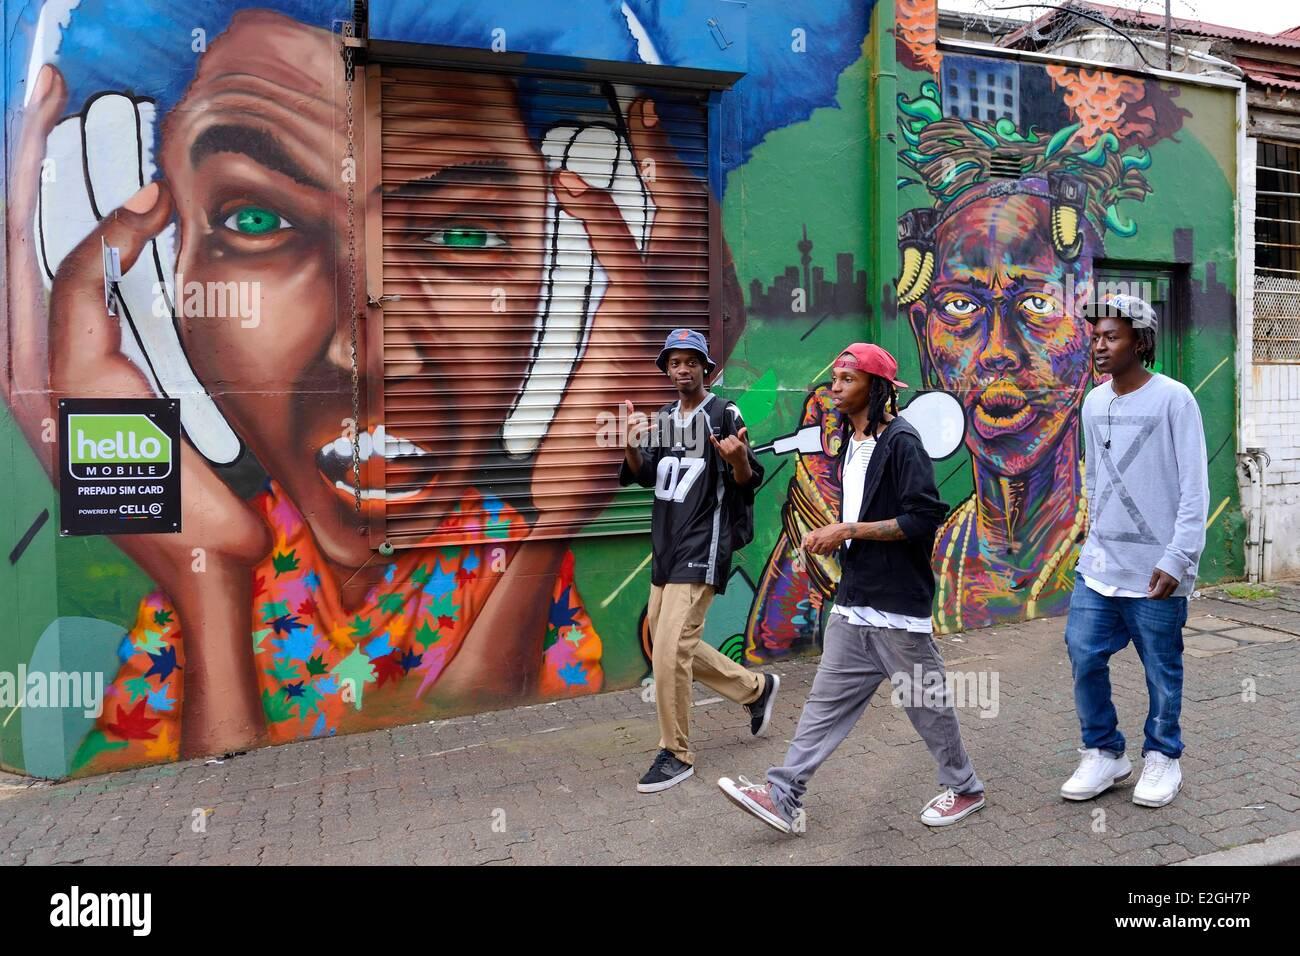 Africa del sud della provincia di Gauteng Johannesburg quartiere Braamfontein gruppo di giovani nella parte anteriore Immagini Stock